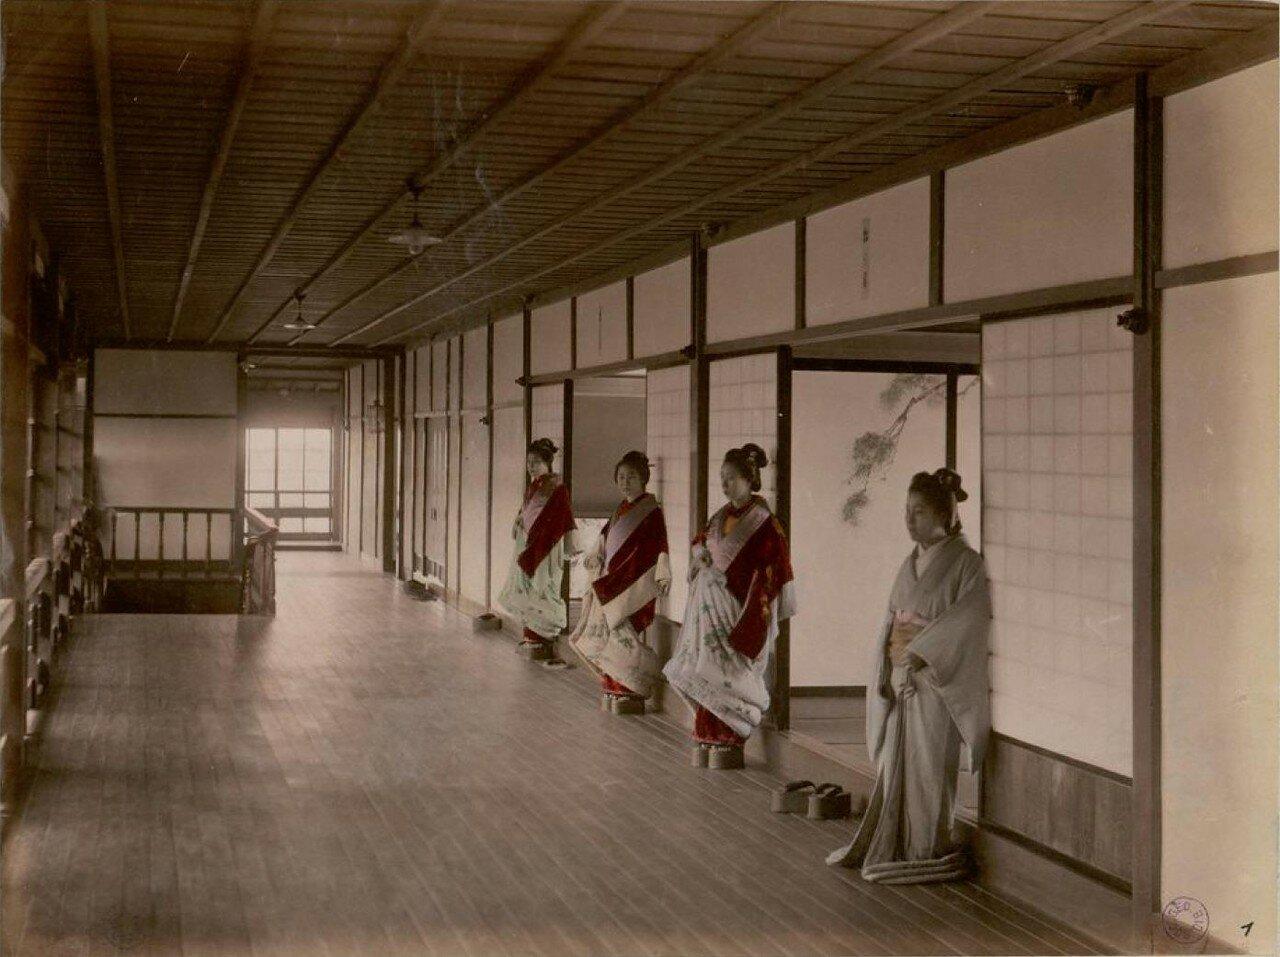 Иокогама. Бордель Нектарин. Интерьер